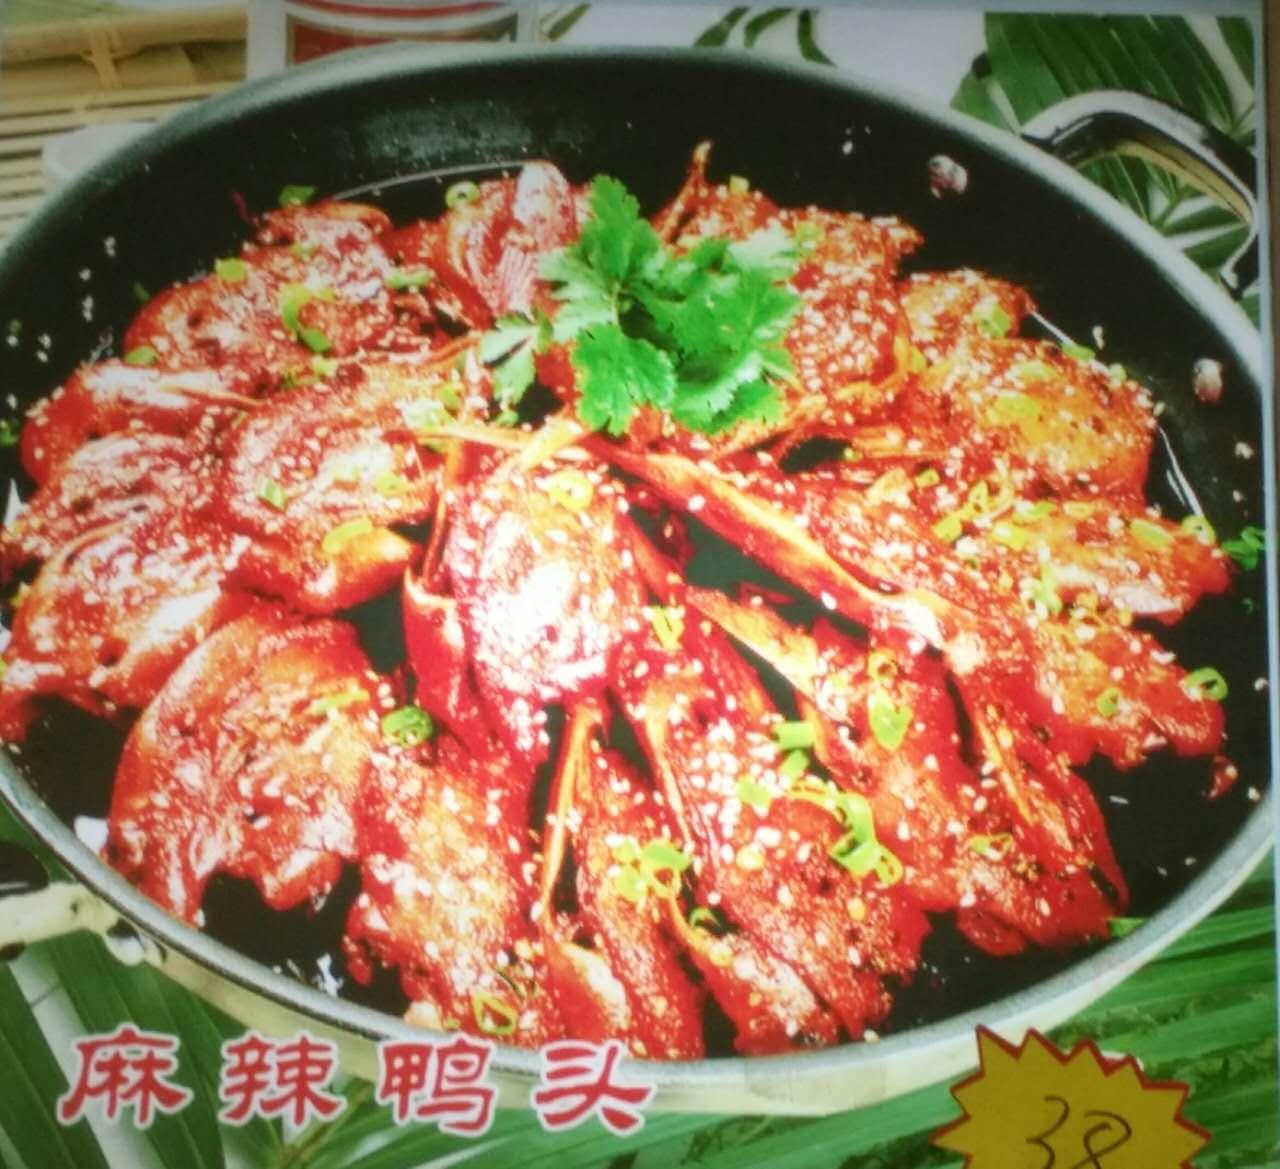 15麻辣鸭头-益丰园小海鲜